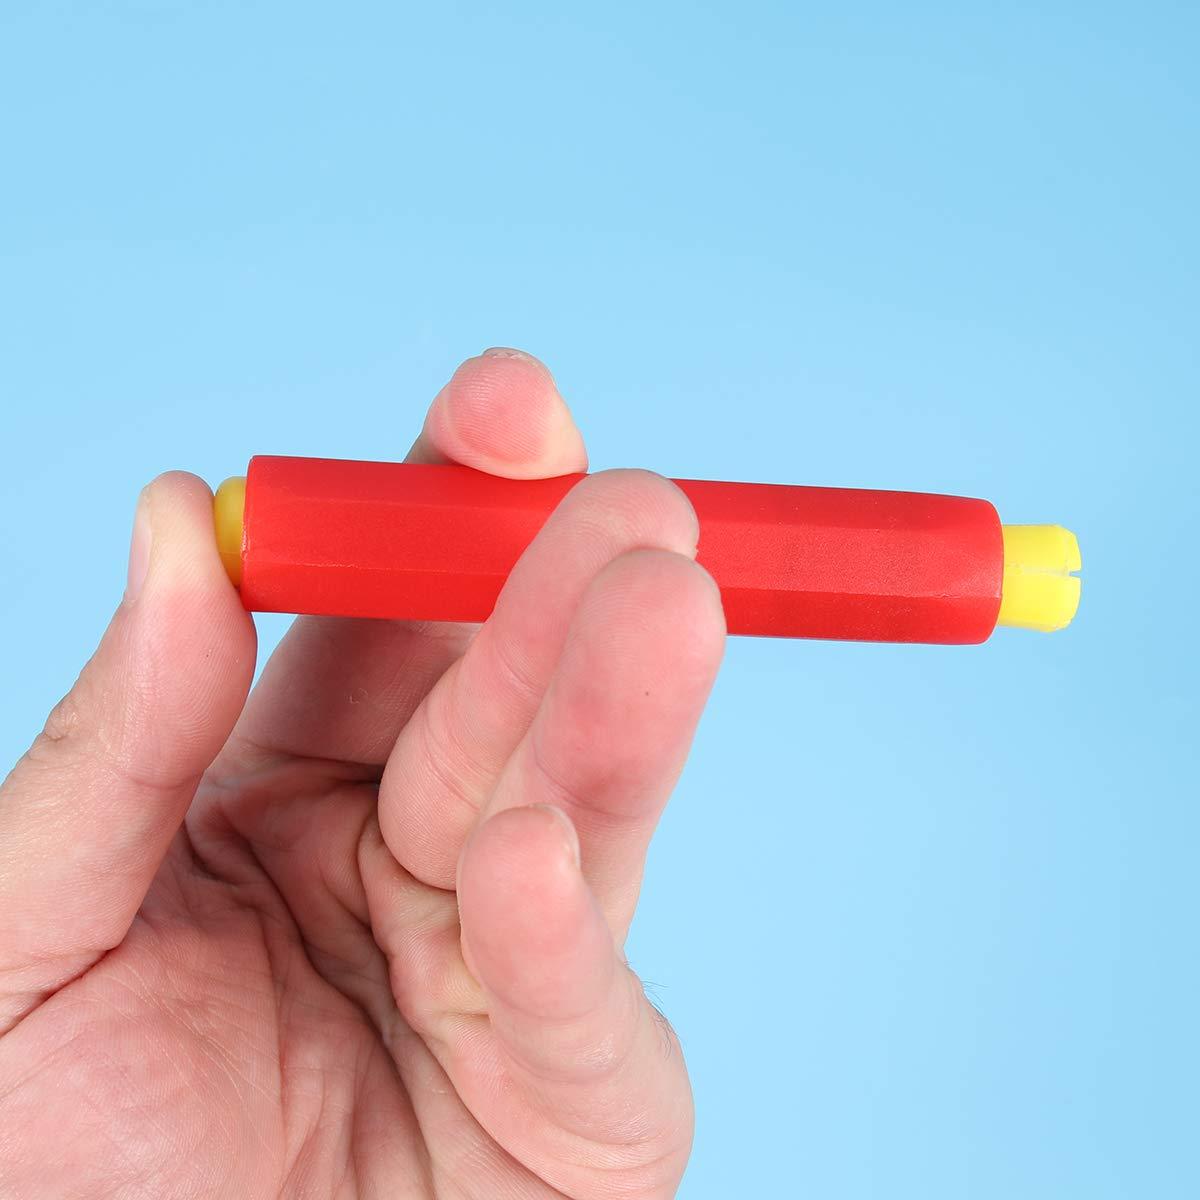 NUOBESTY 5 ST/ÜCKE bunte kreidehalter ungiftig kid kunststoff kreide lagerung halter mit box